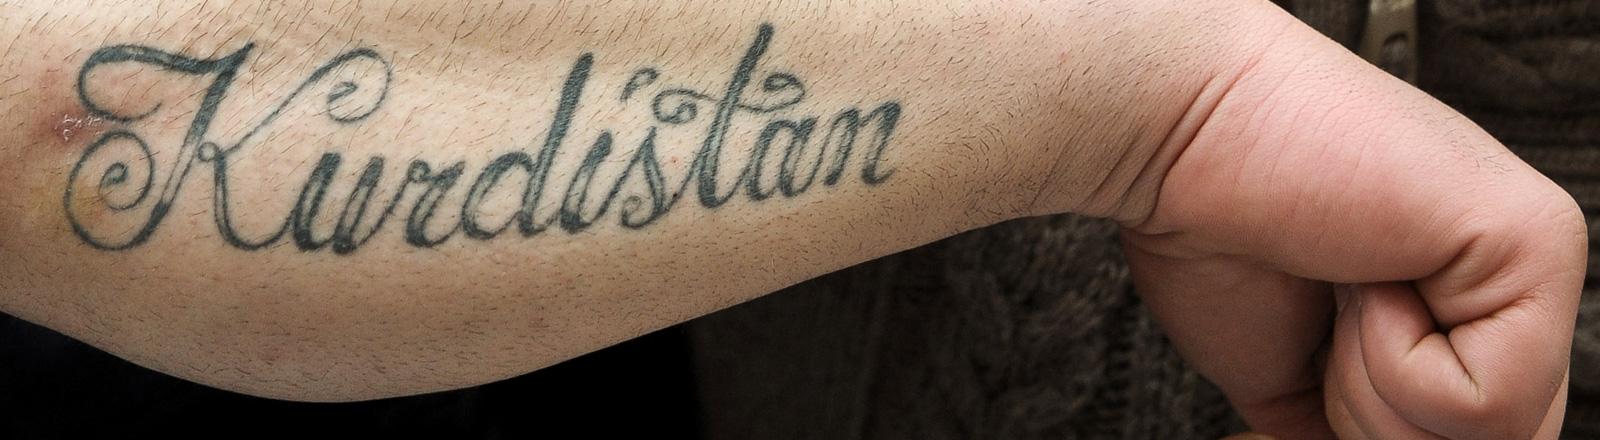 Kurdistan-Tatoo auf einem Arm